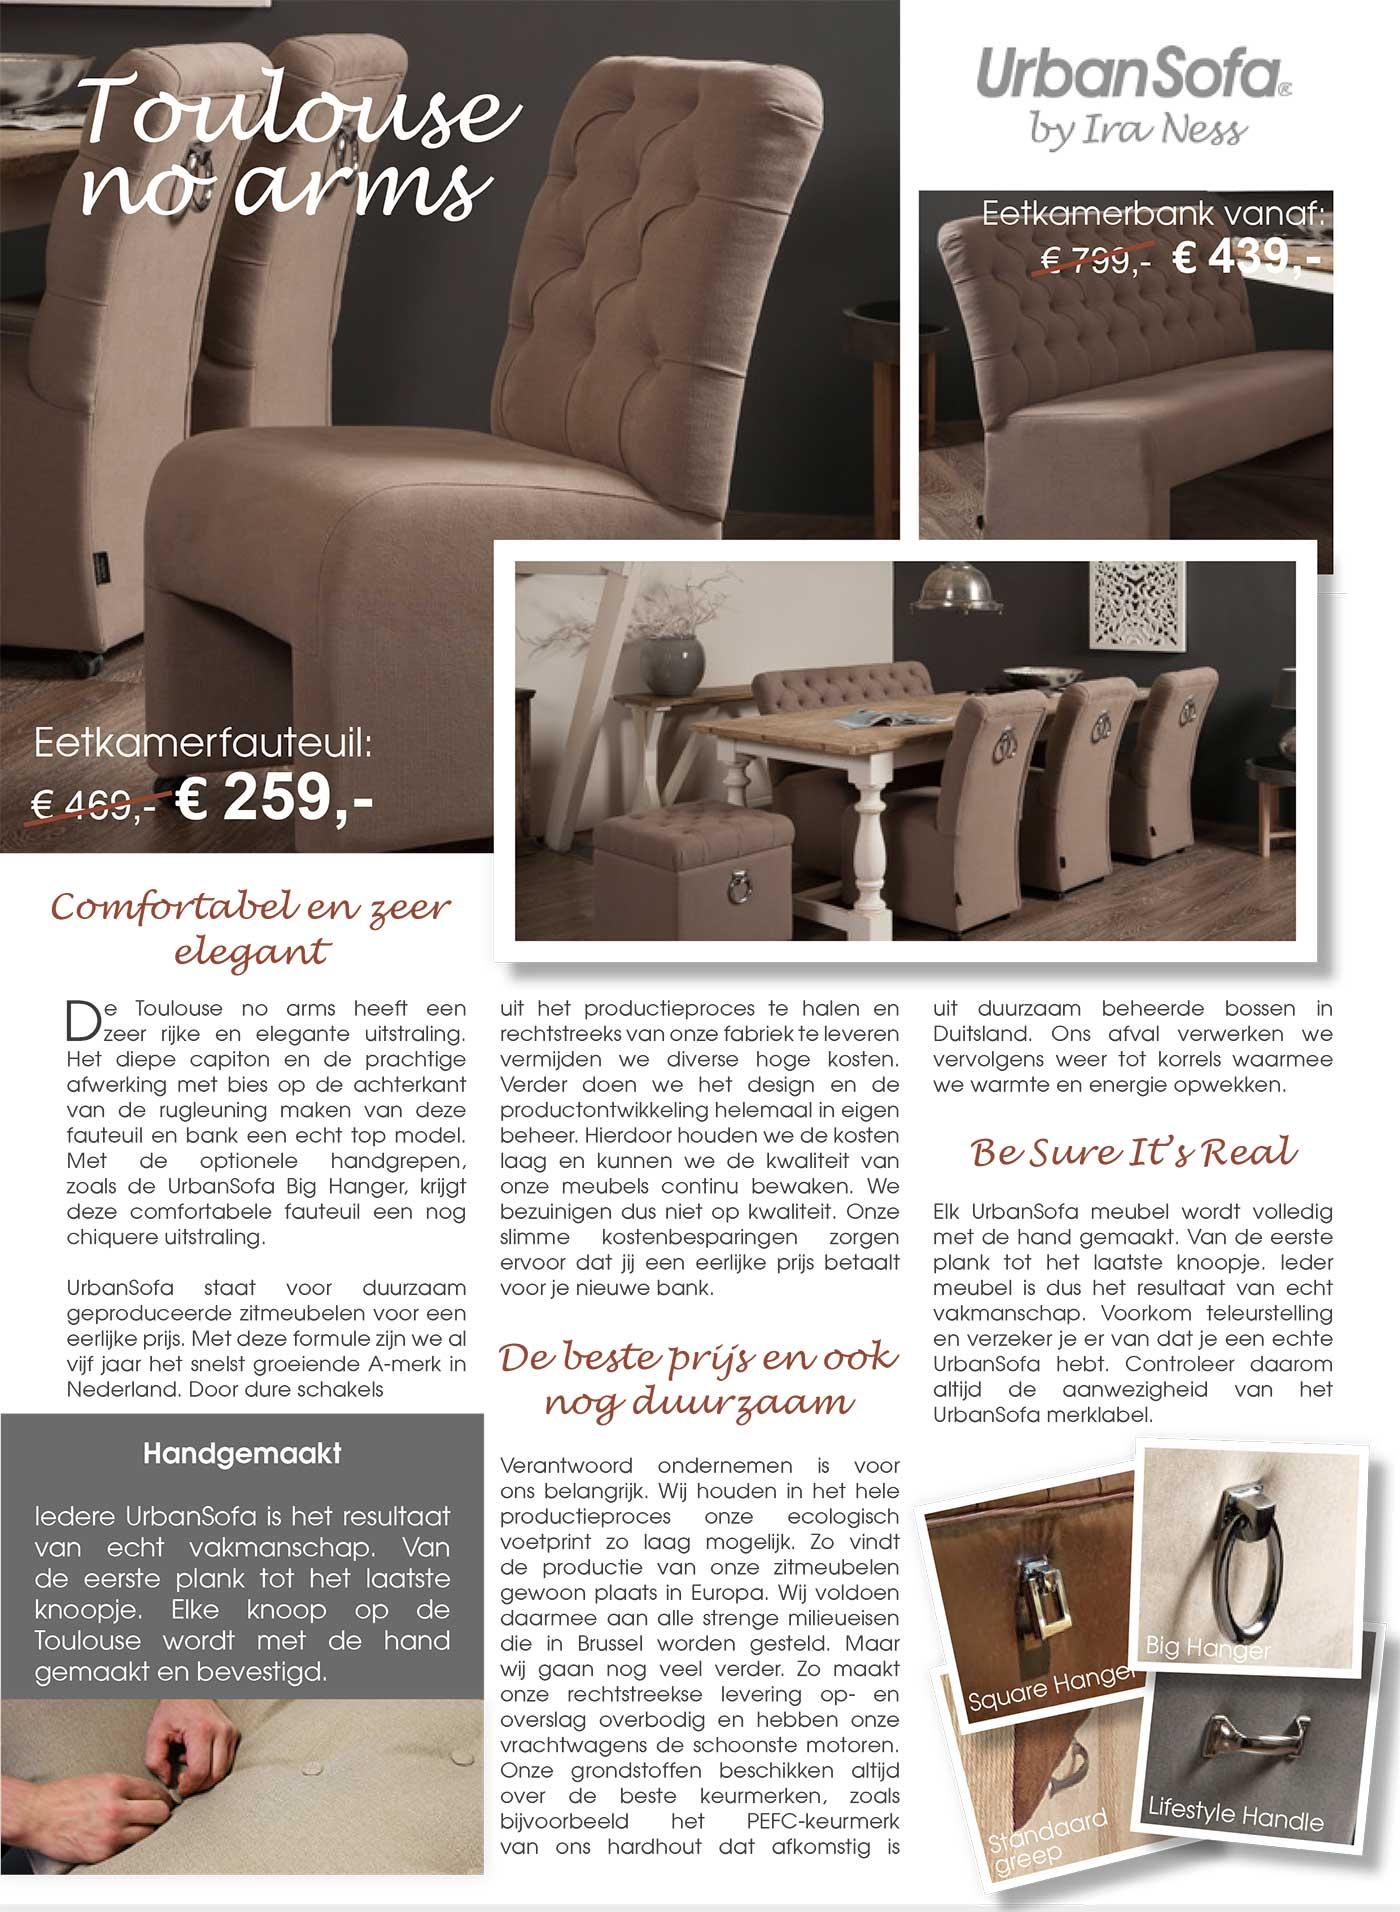 UrbanSofa_Toulouse_no_arms_eetkamerfauteuil_eetkamerbank-1